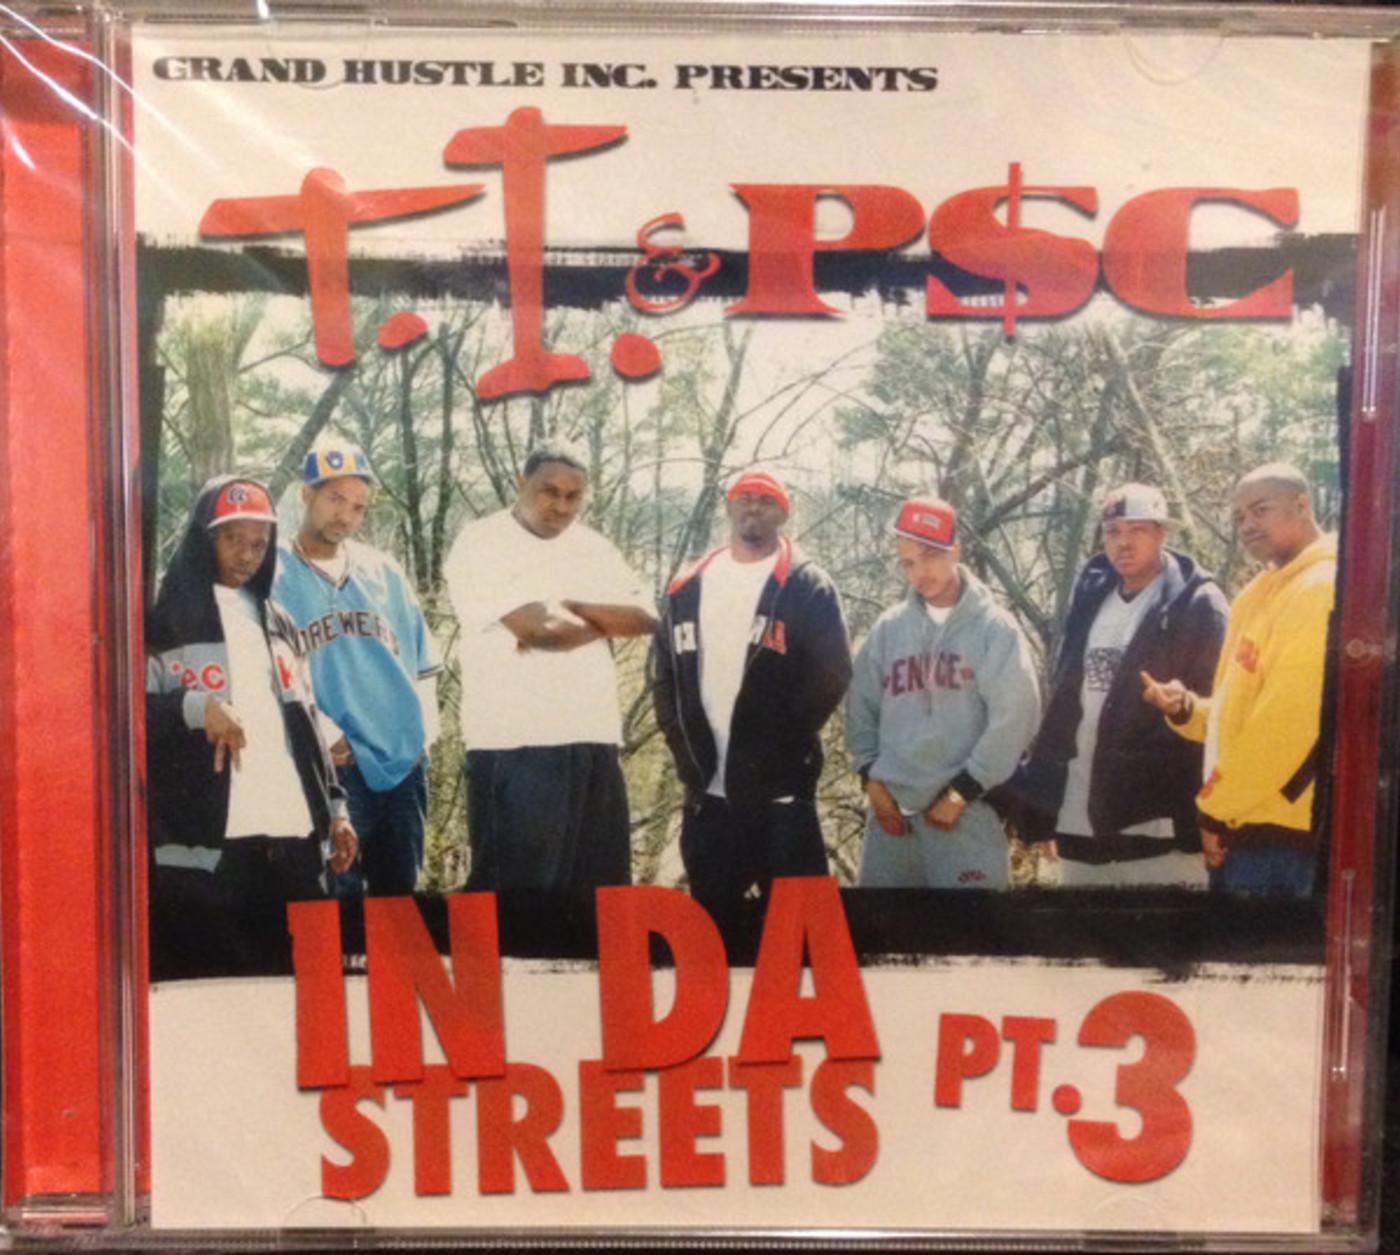 rapper-mix-tape-ti-in-da-streets